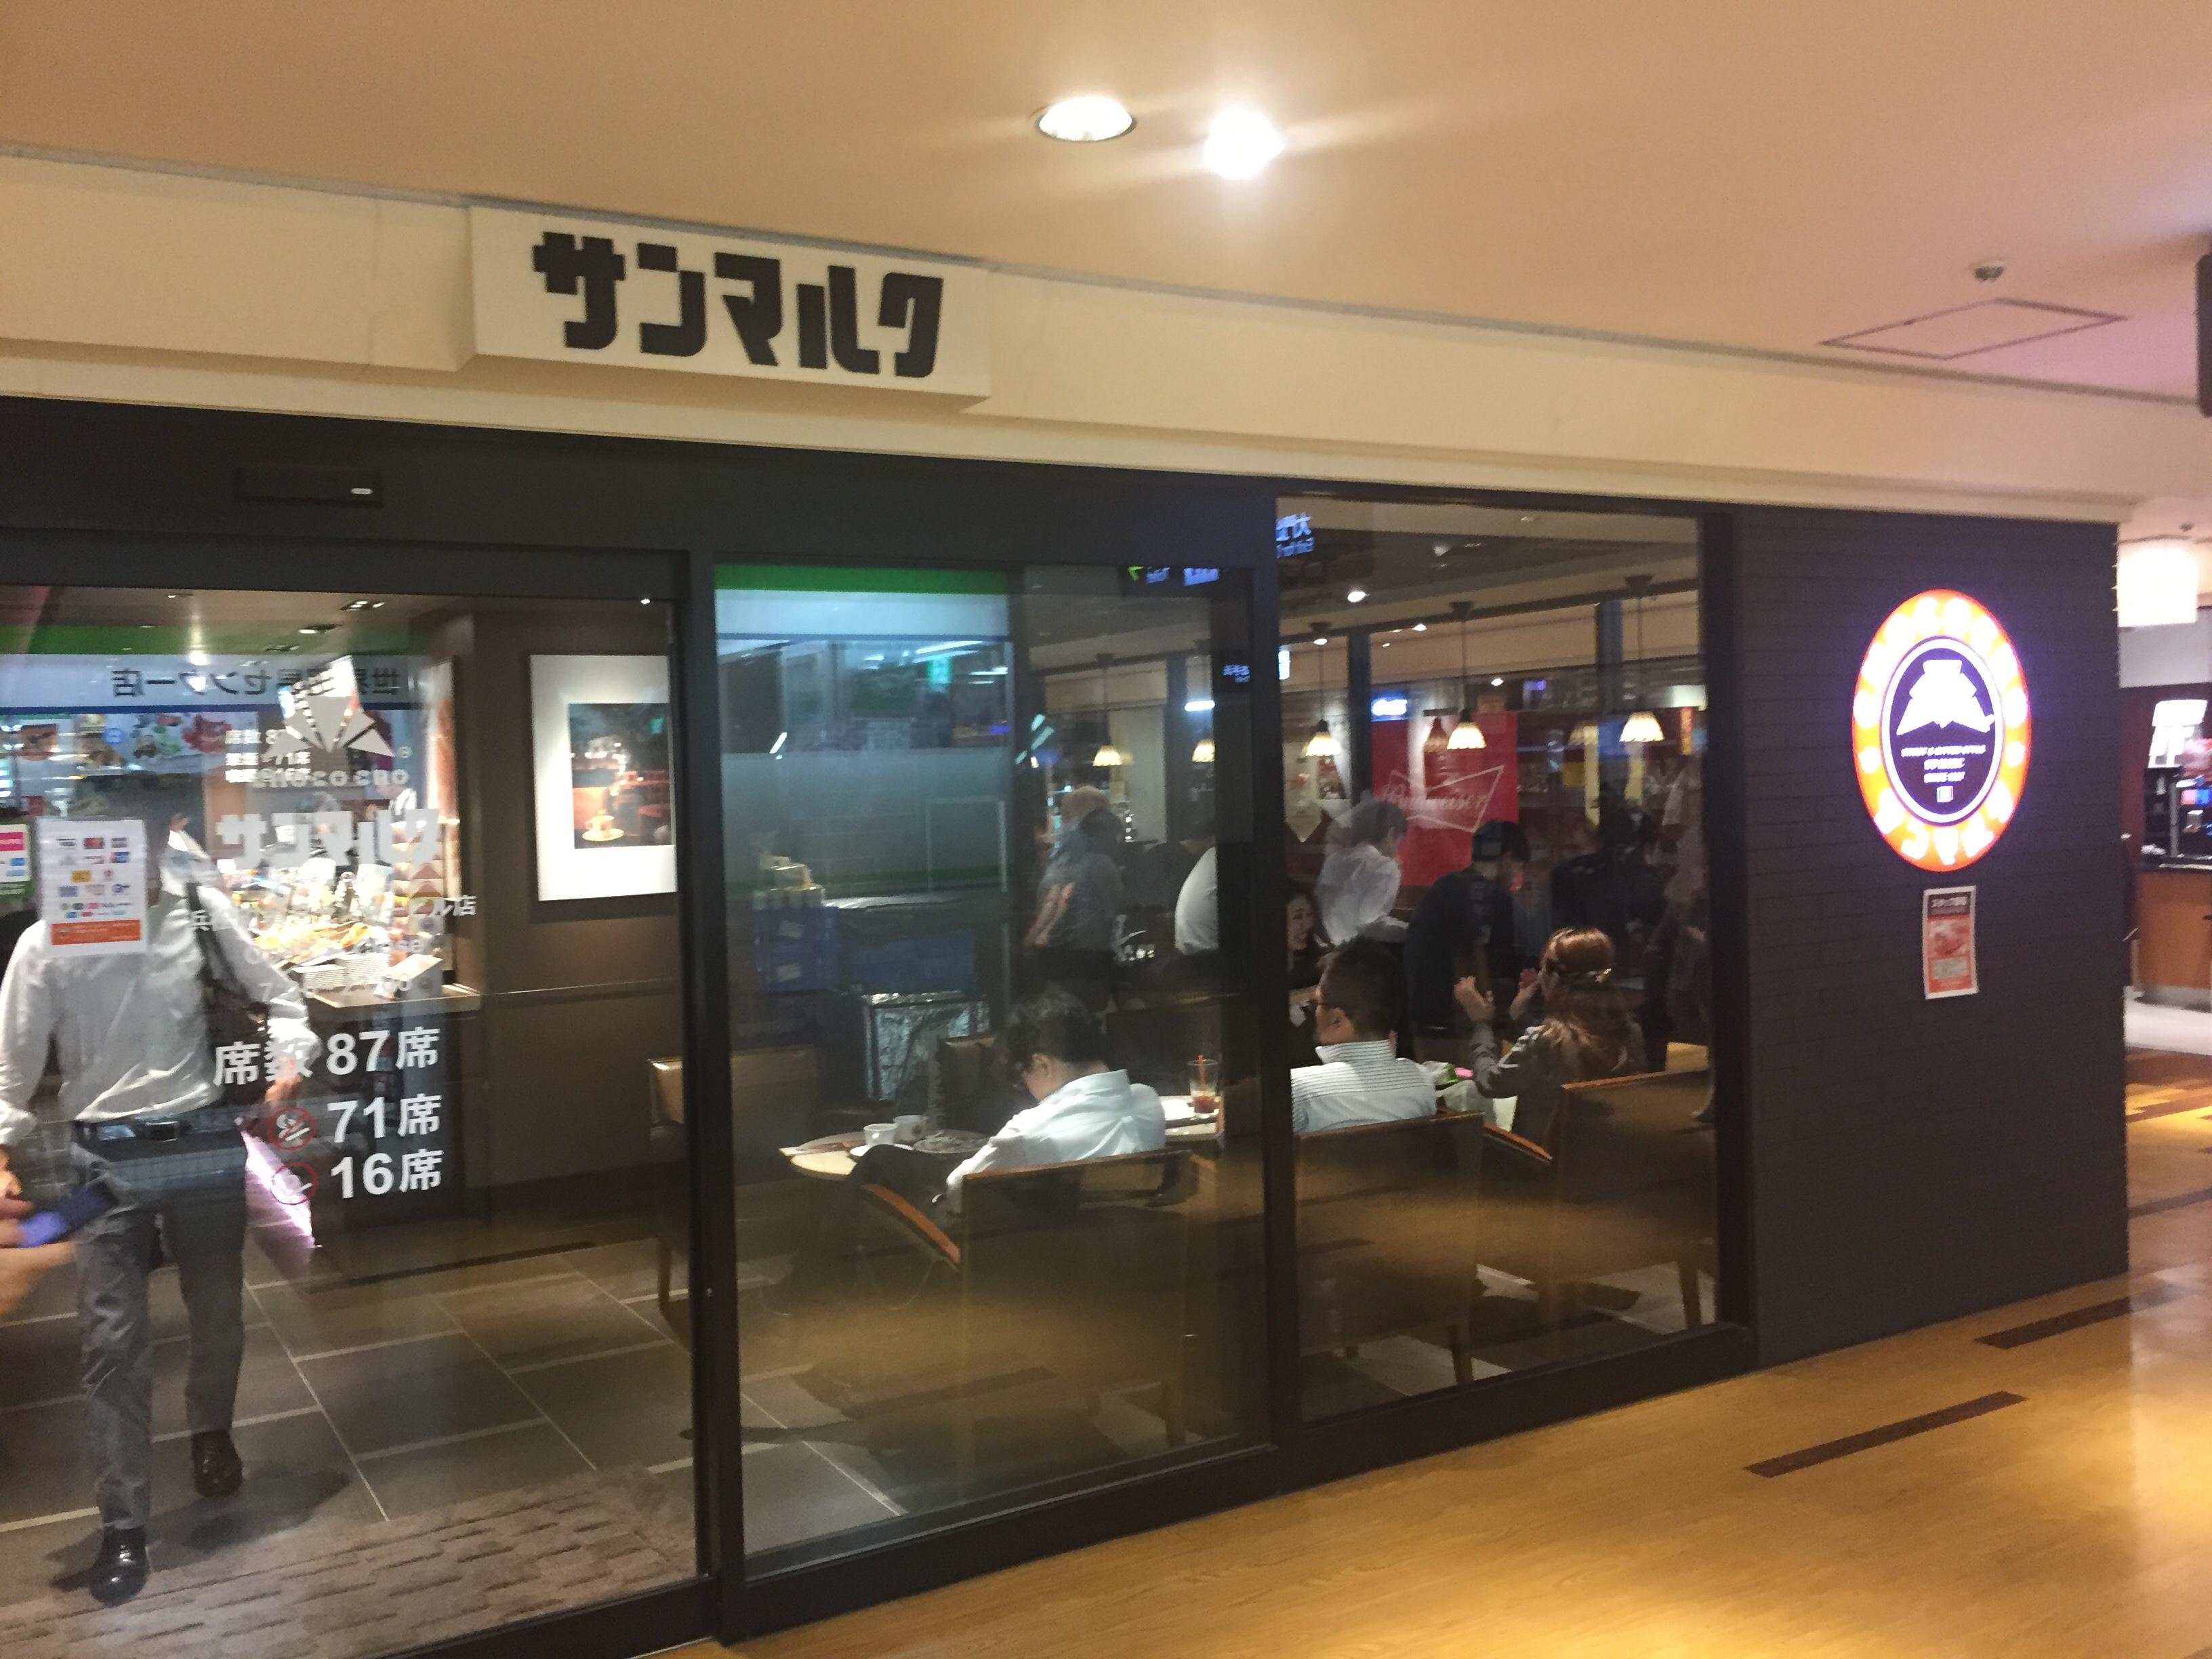 浜松町駅直結貿易センタービル 電源カフェ サンマルクカフェ 浜松町貿易センタービル店